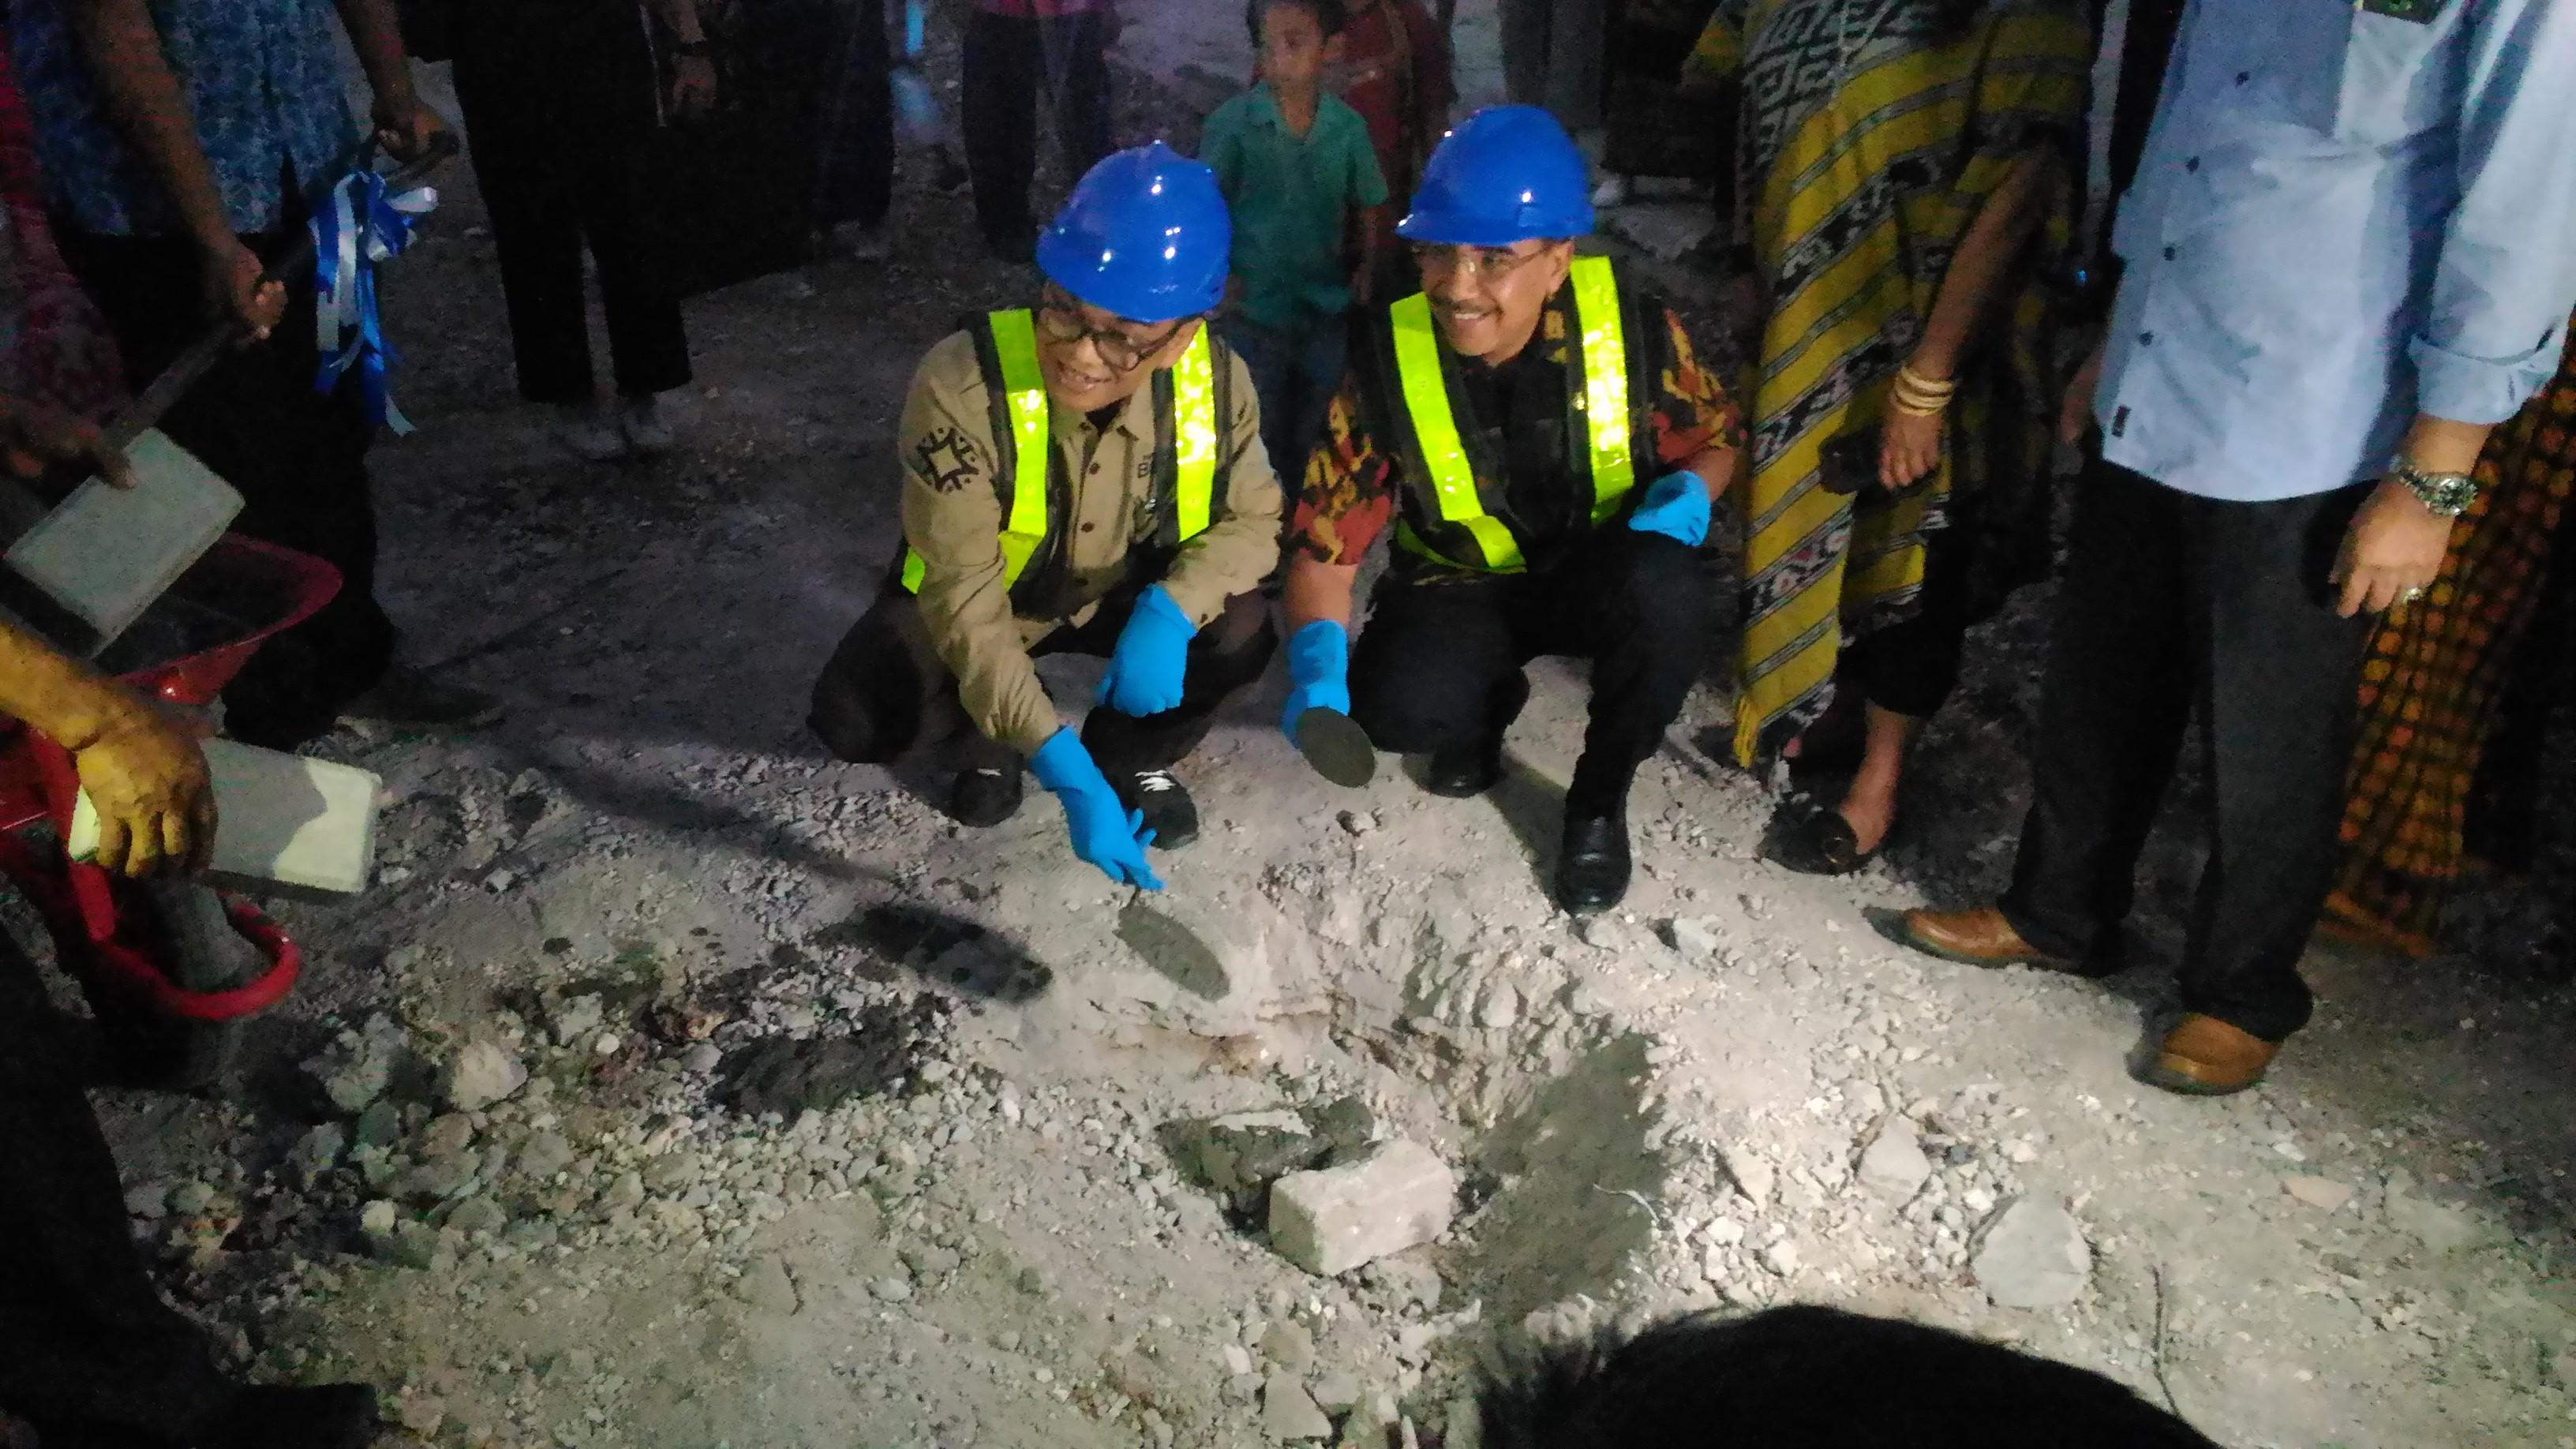 Peletakan batu pertama, gedung misbar, bioskop misbar, kota kupang, NTT, Nusa Tenggara Timur, Kota Kupang, Pemkot Kupang. (Ist)